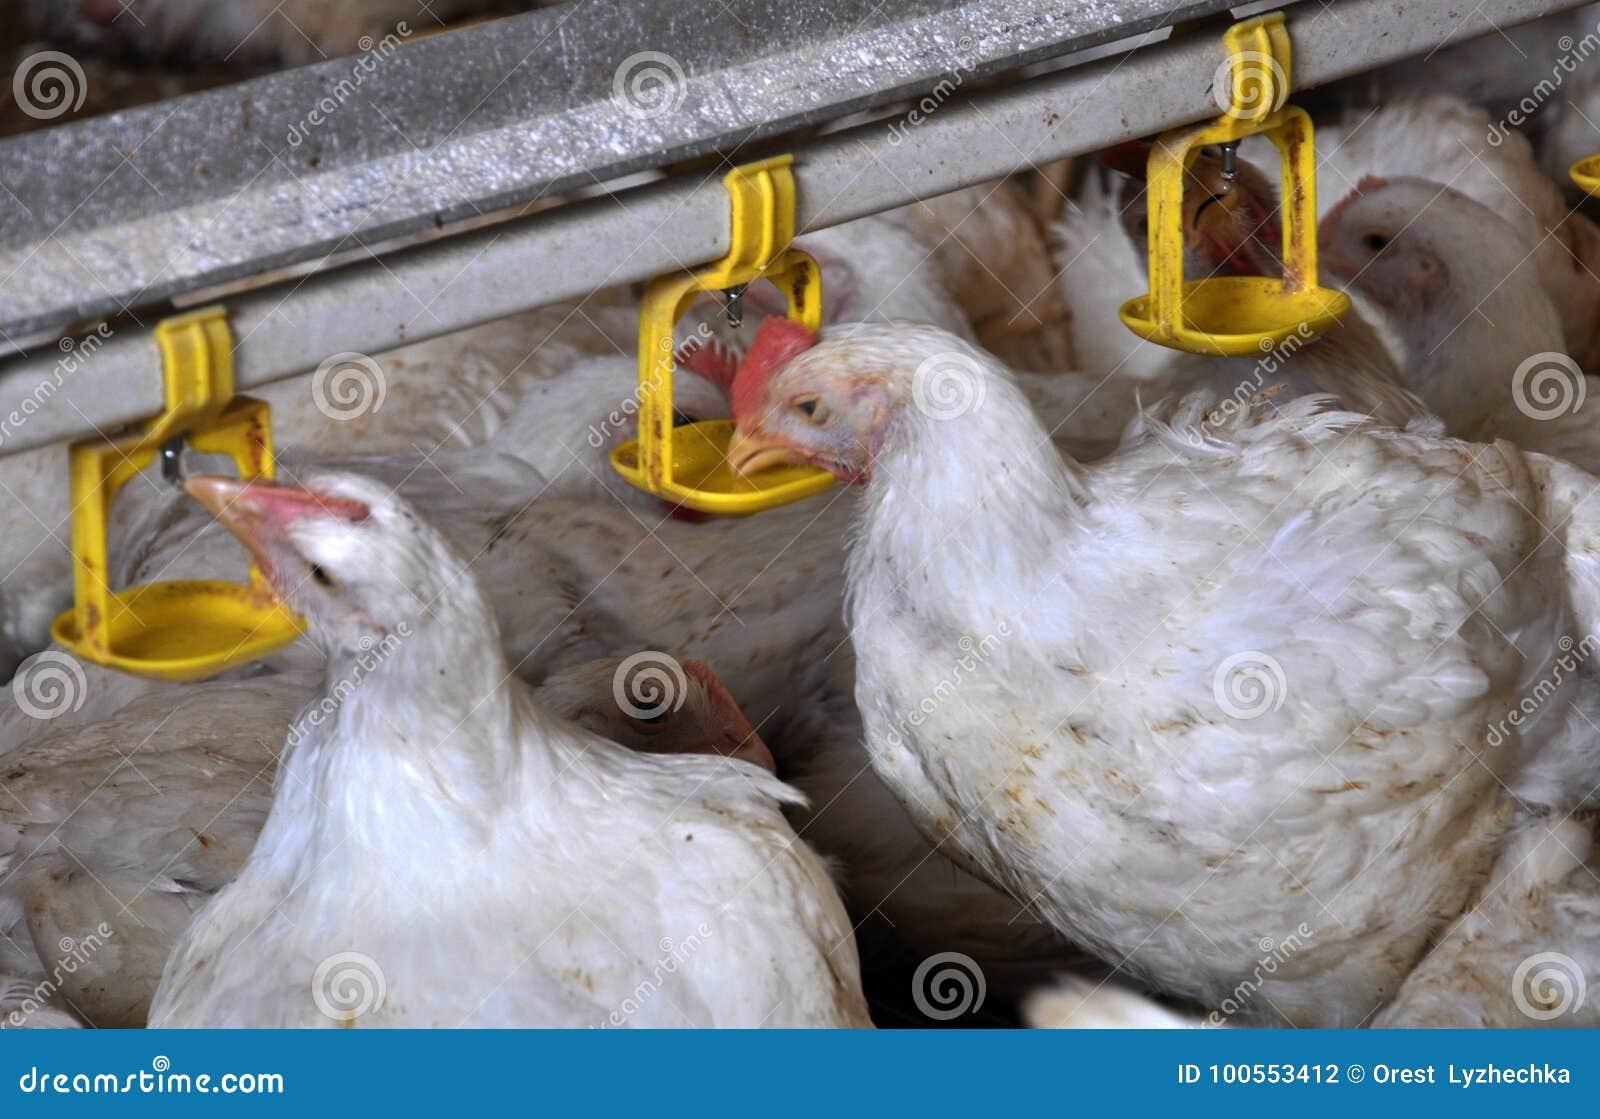 Poulets à rôtir de poulet près du drink_16